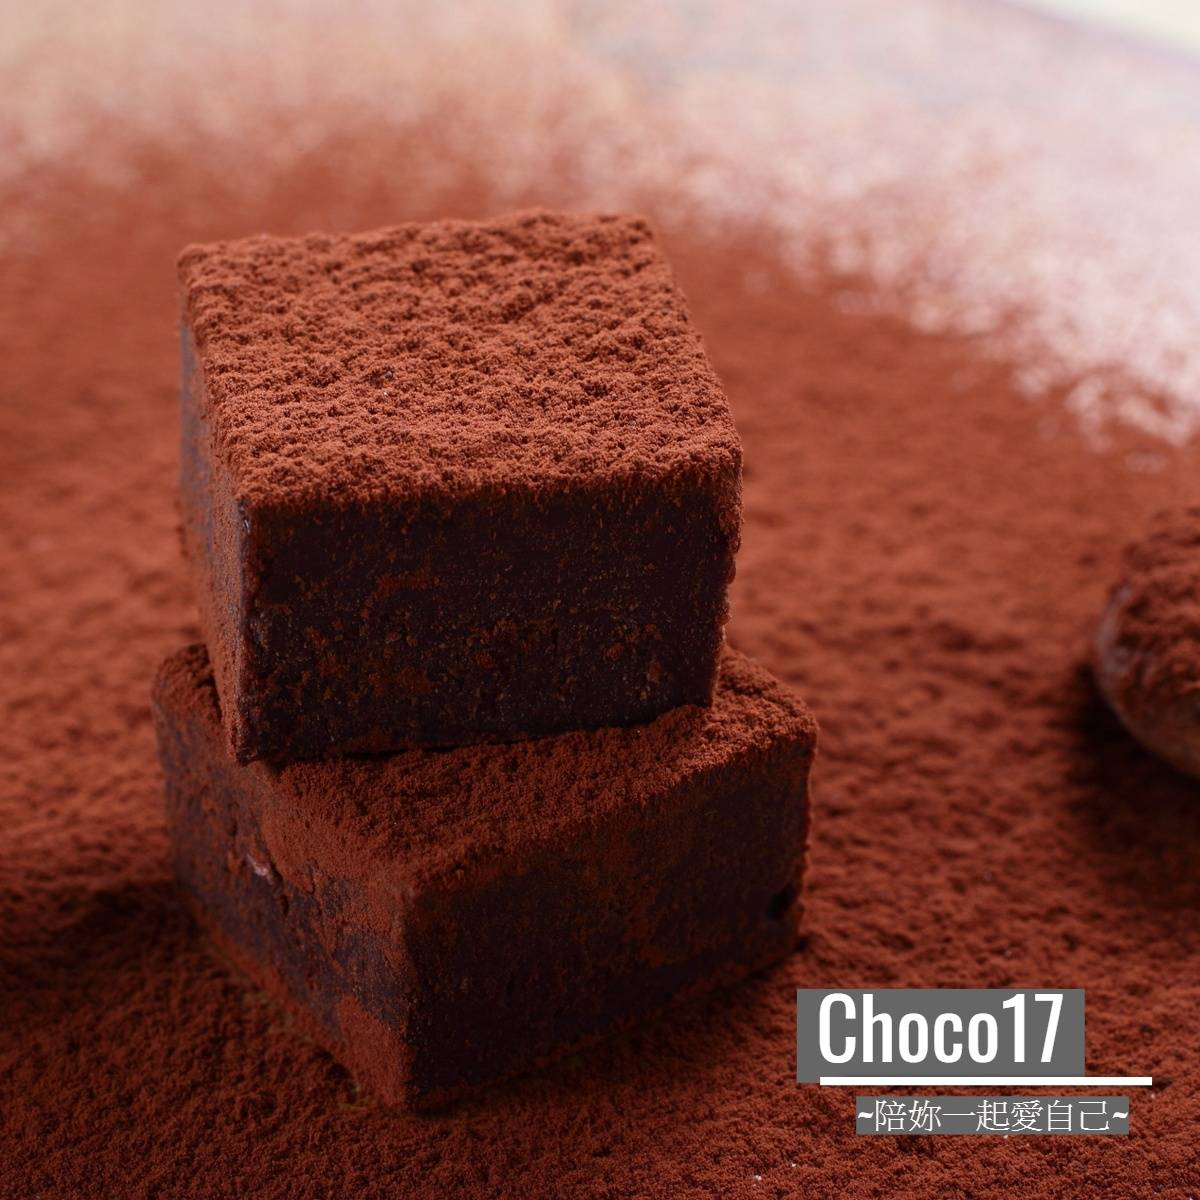 85%皇家經典生巧克力❤1分鐘狂賣4盒❤【Choco17 香謝17巧克力】巧克力專賣  | APP下單滿$888現折$111 2